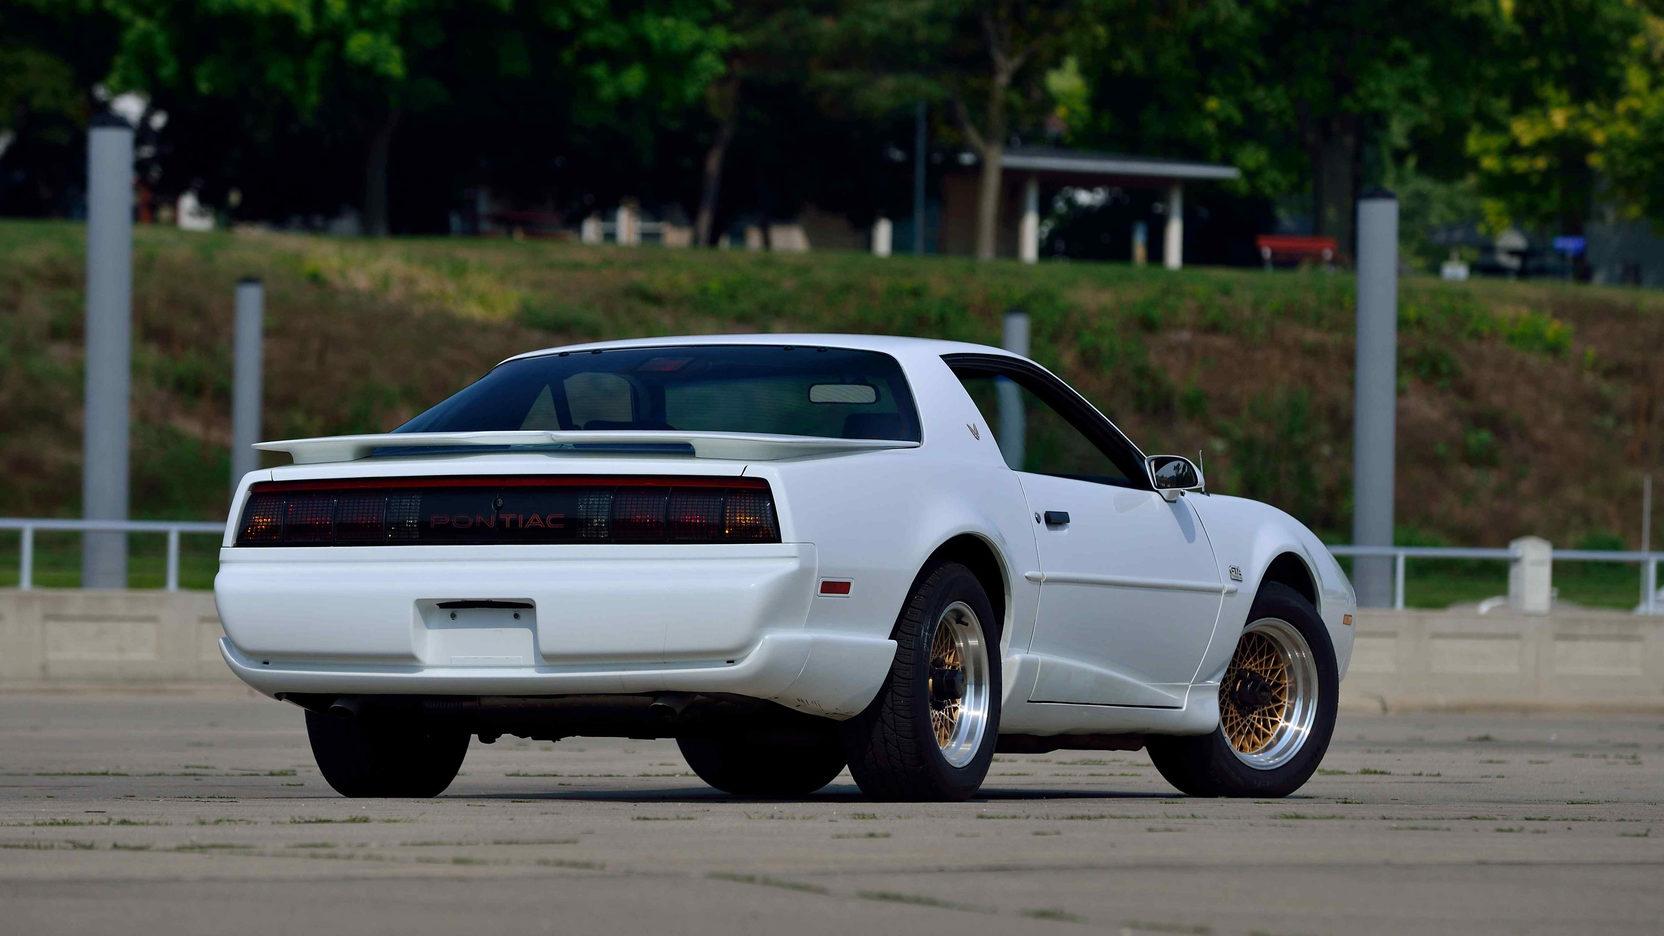 1991 Pontiac Trans Am rear 3/4